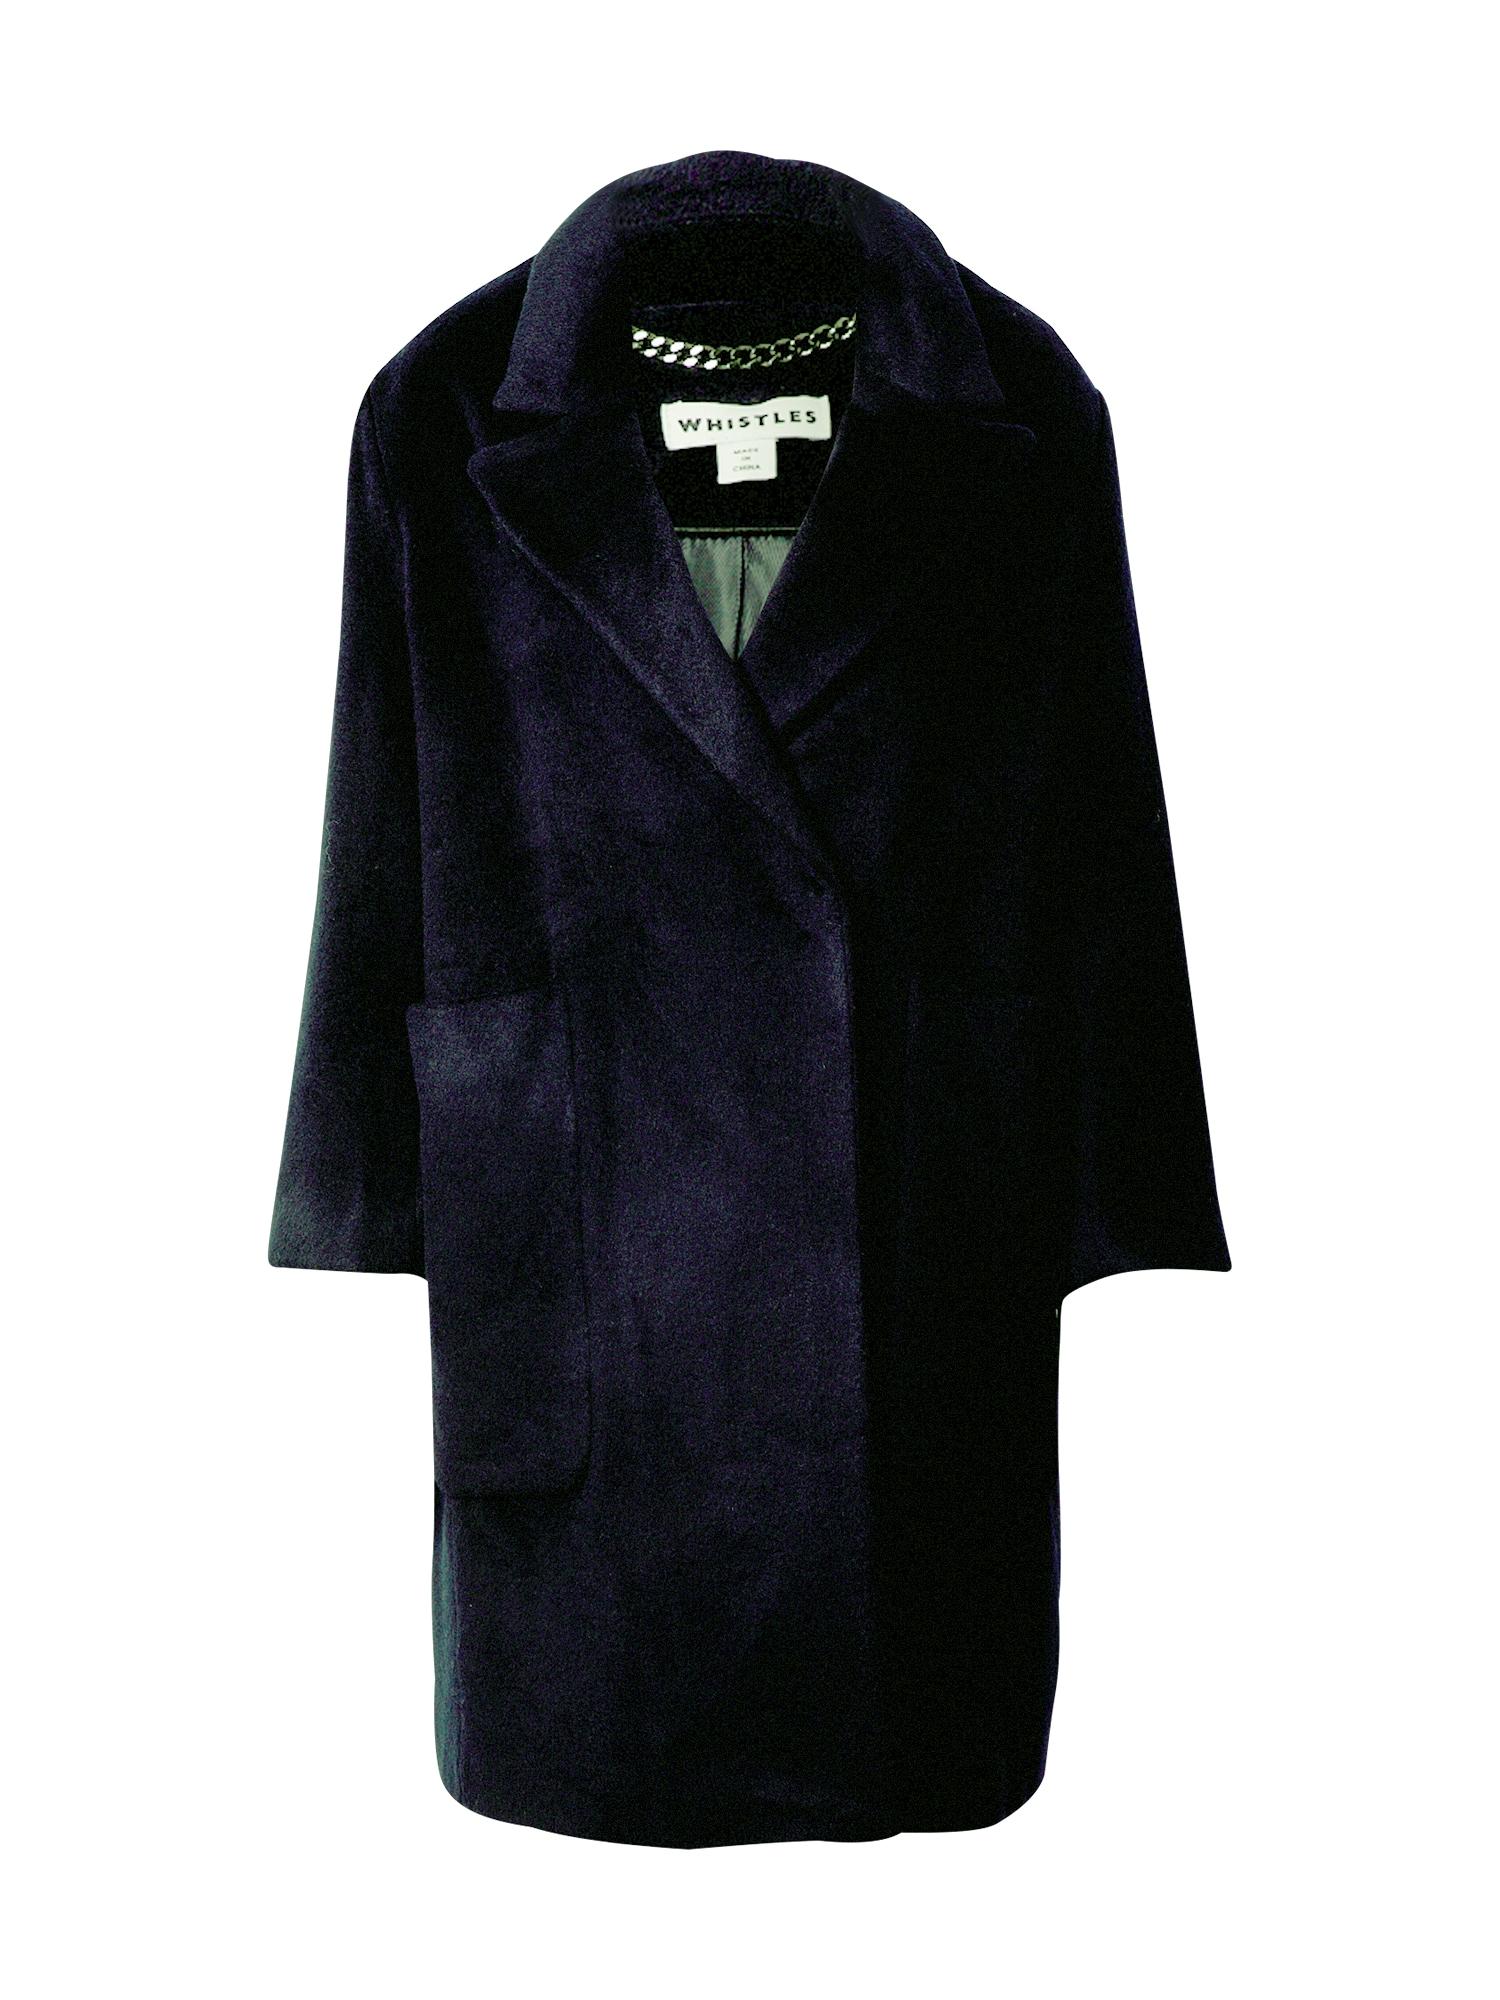 Whistles Přechodný kabát  námořnická modř